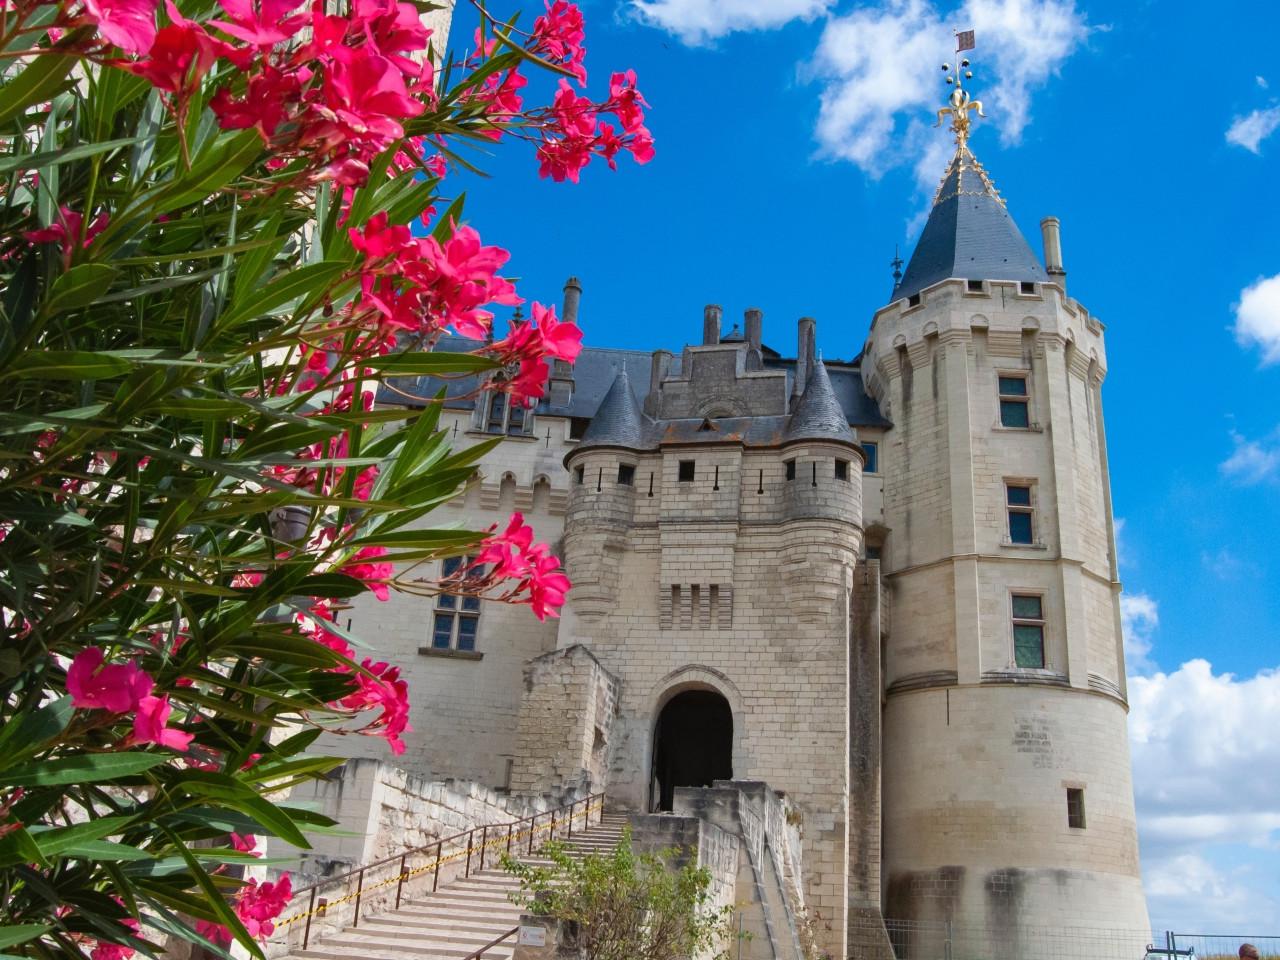 Visitare i castelli della Loira in Francia - informazioni utili